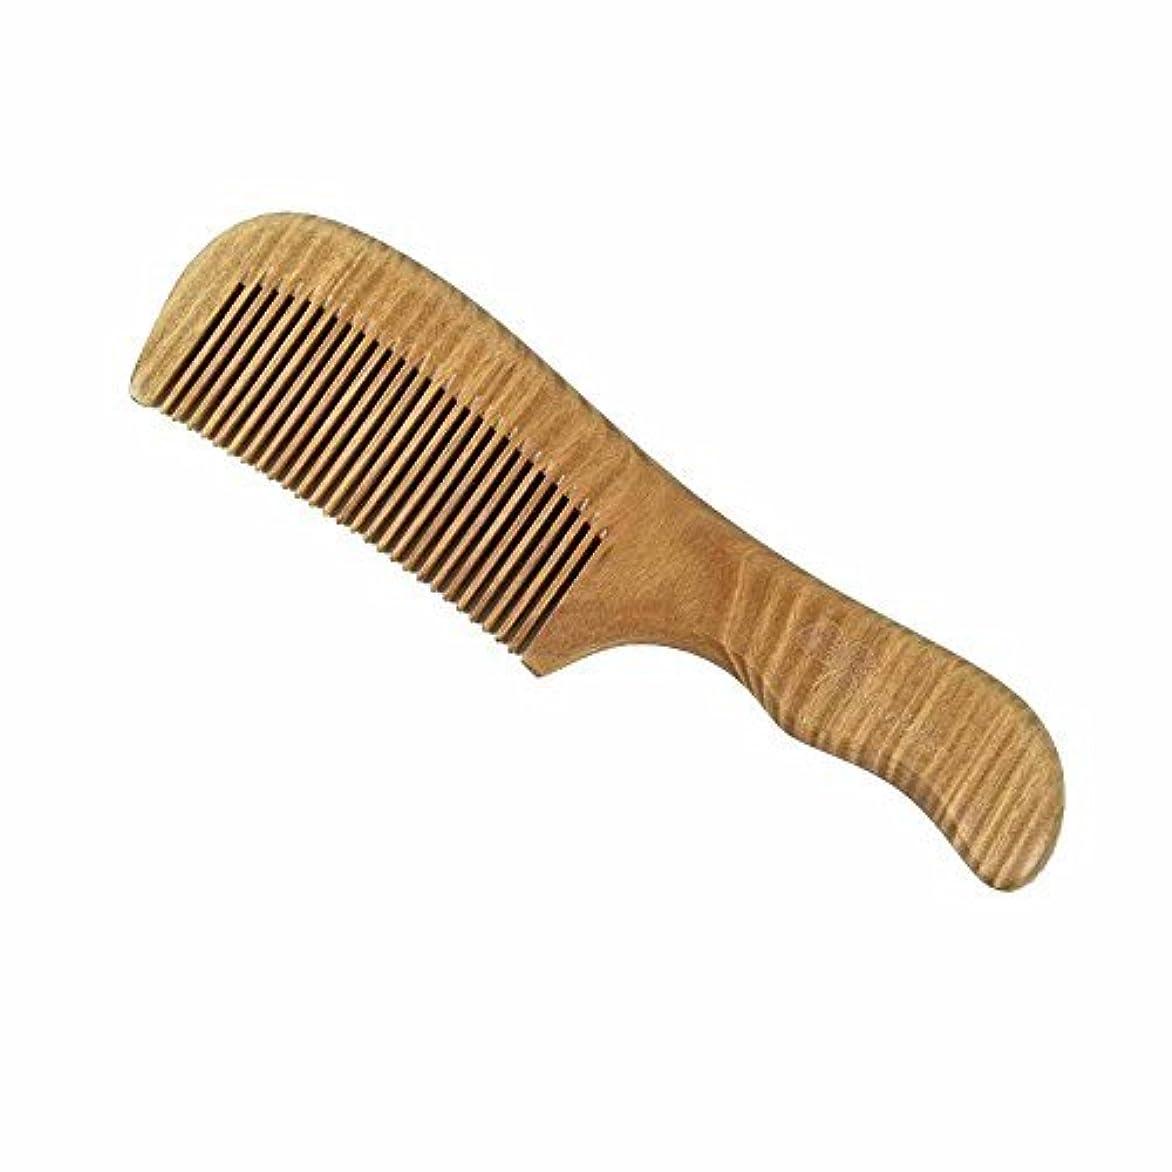 湖散歩天井Wooden Hair Brush, by GoWoo, Fine Tooth, Detangling, Natural and Handmade, for Men and Women, From Earth to Earth...